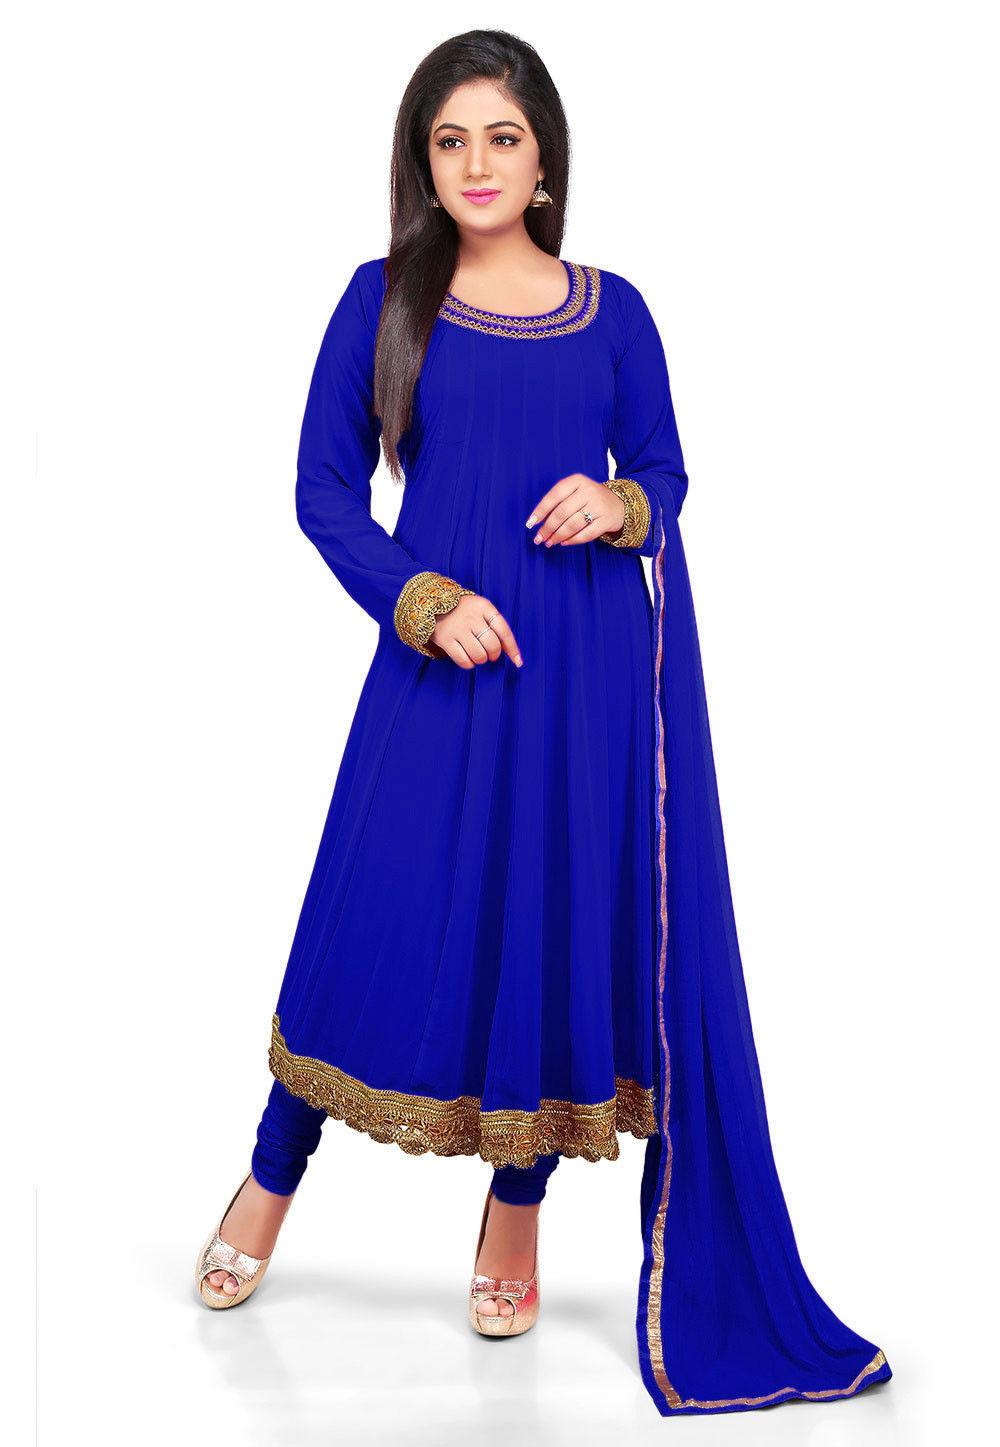 86ddc00258 Plain Georgette Anarkali Suit in Royal Blue : KJN2782